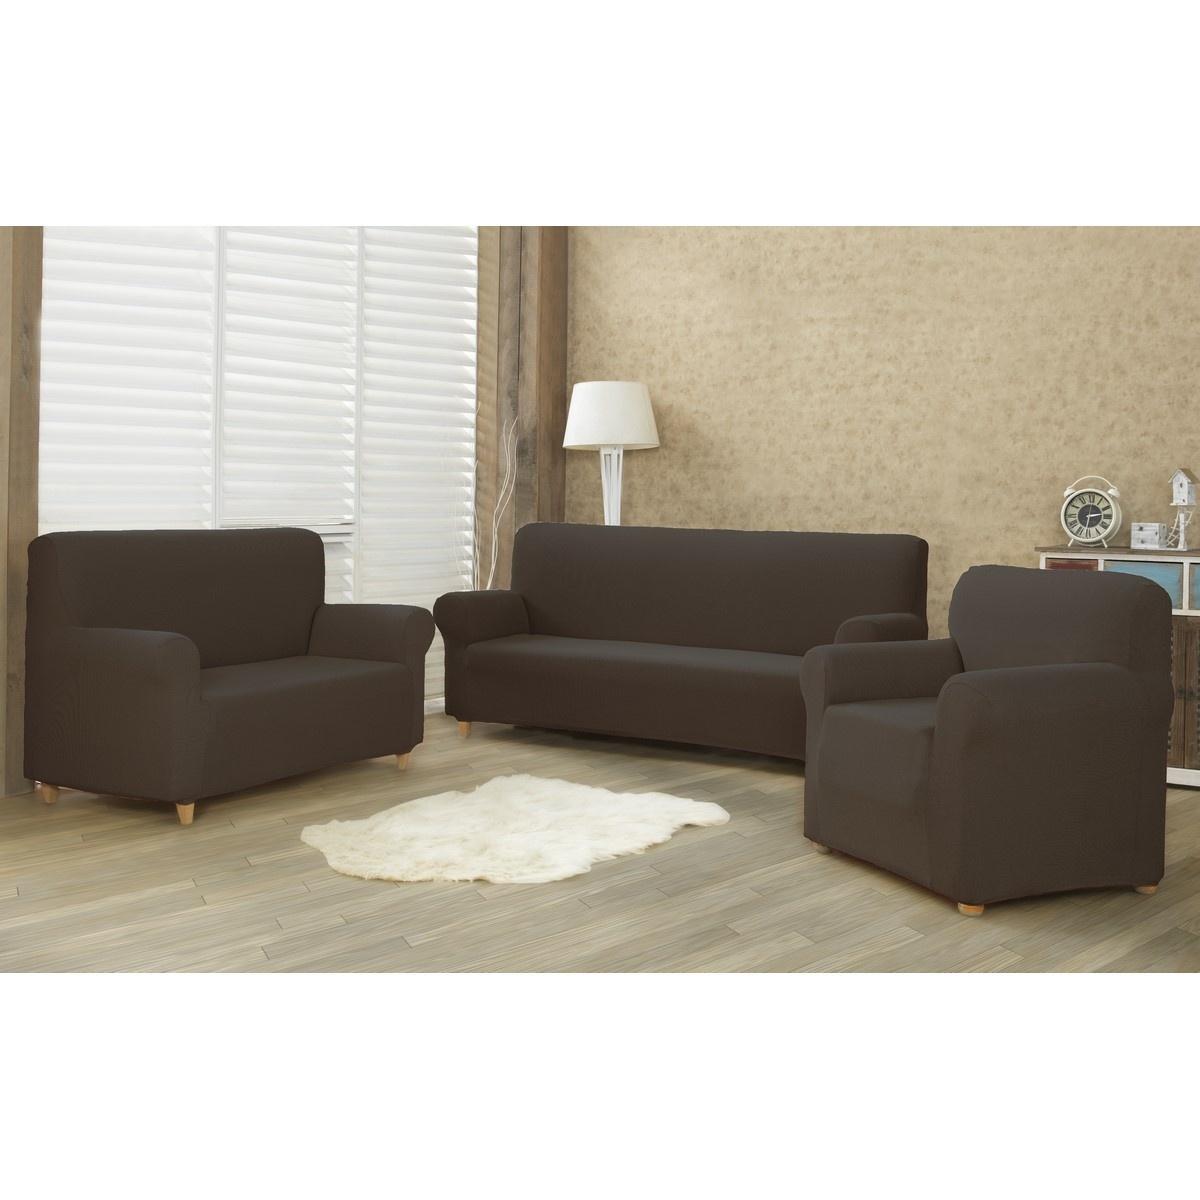 4Home Multielastyczny pokrowiec na fotel Comfort brązowy, 70 - 110 cm, 70 - 110 cm